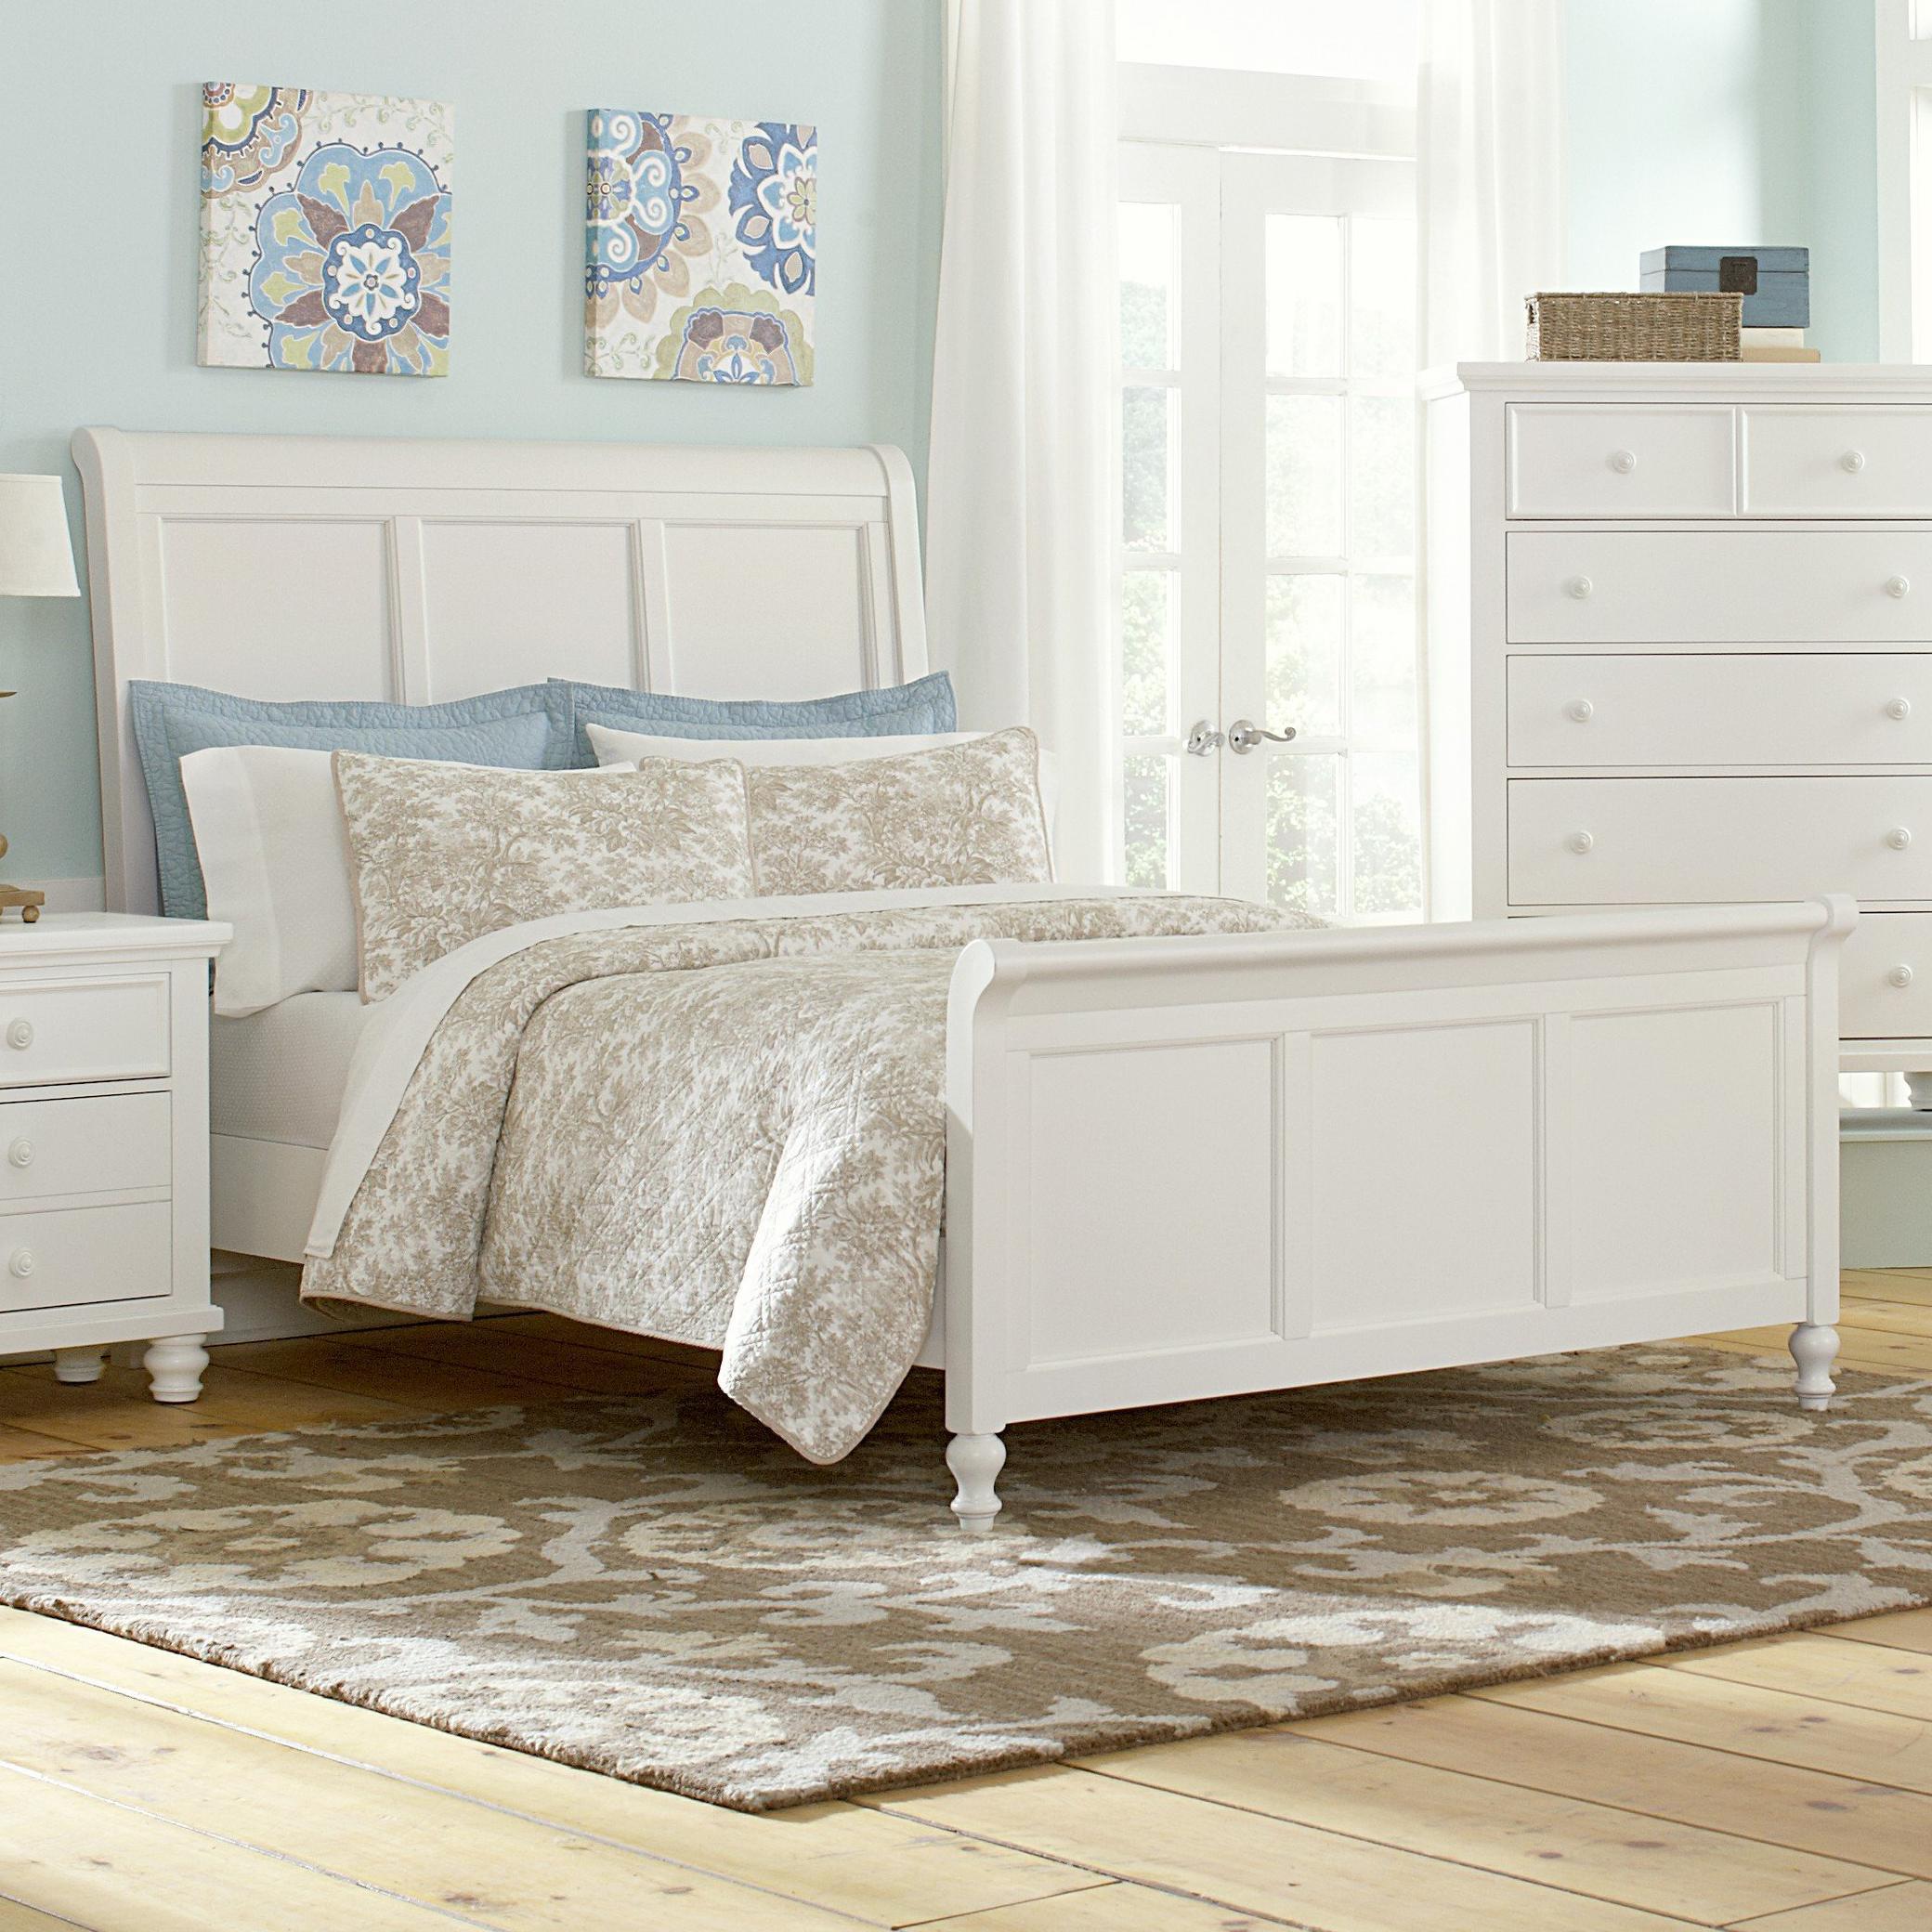 Vaughan Bassett Ellington Queen Sleigh Bed - Item Number: 624-553+355+922